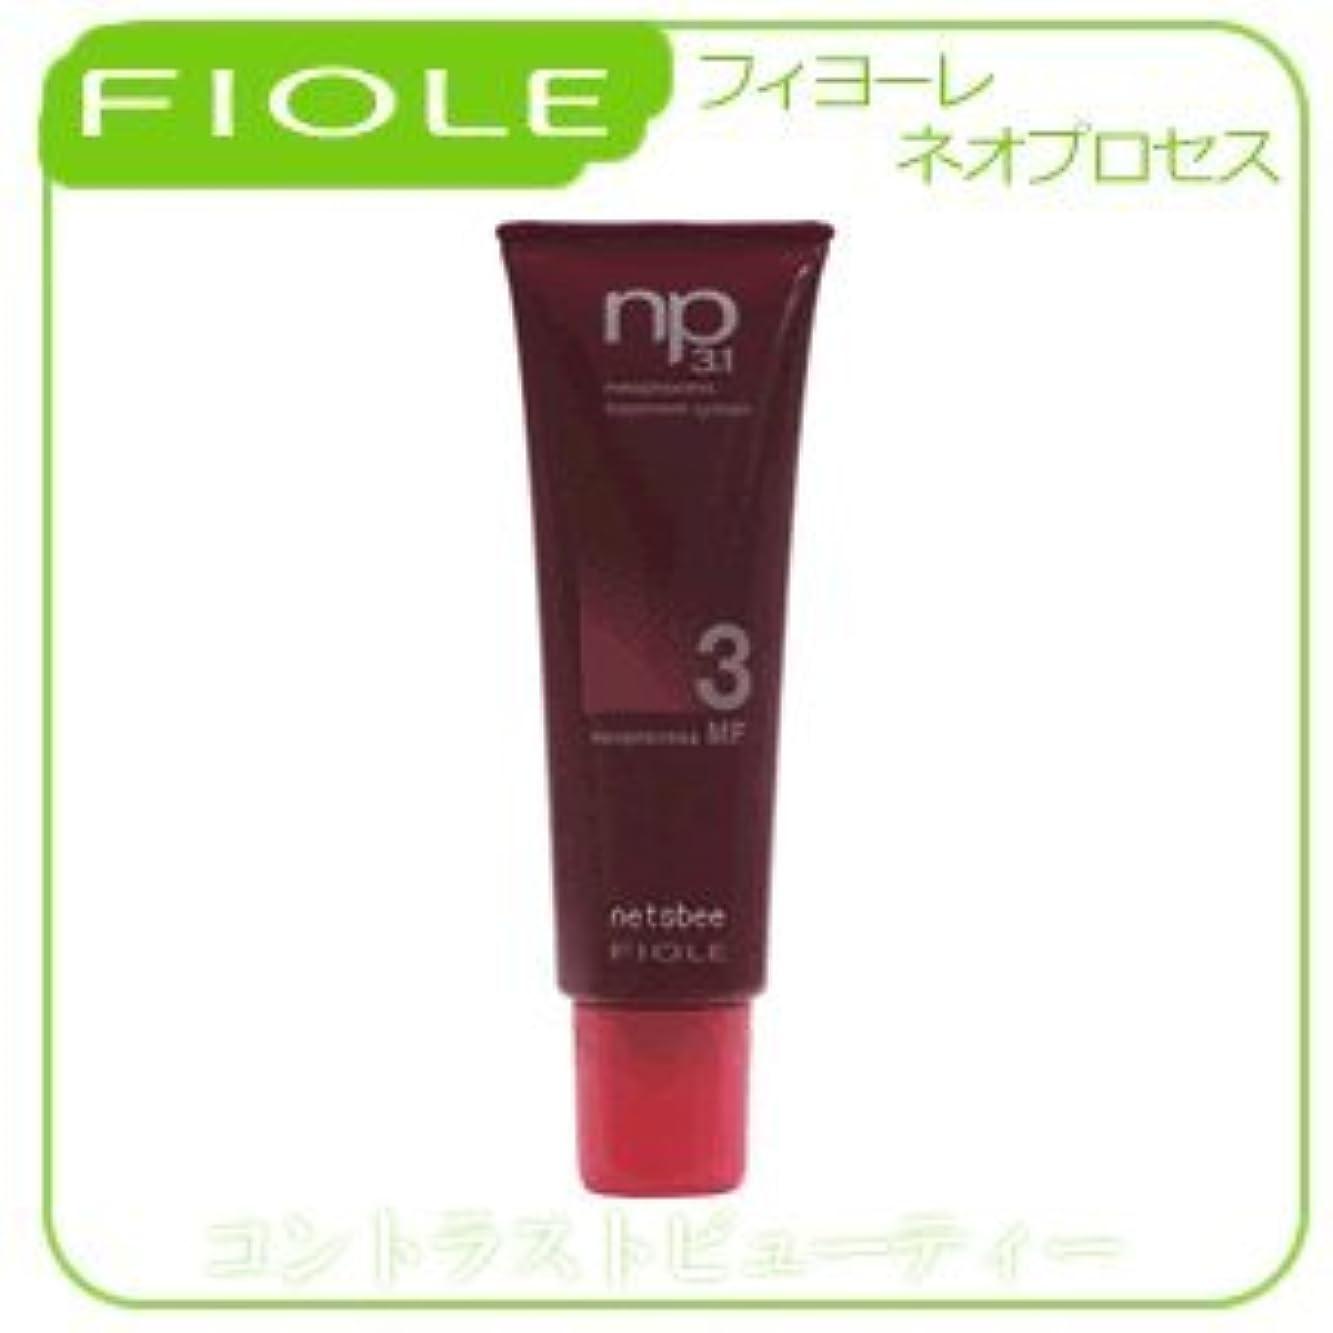 不十分なサミュエル原始的な【X2個セット】 フィヨーレ NP3.1 ネオプロセス MF3 130g FIOLE ネオプロセス